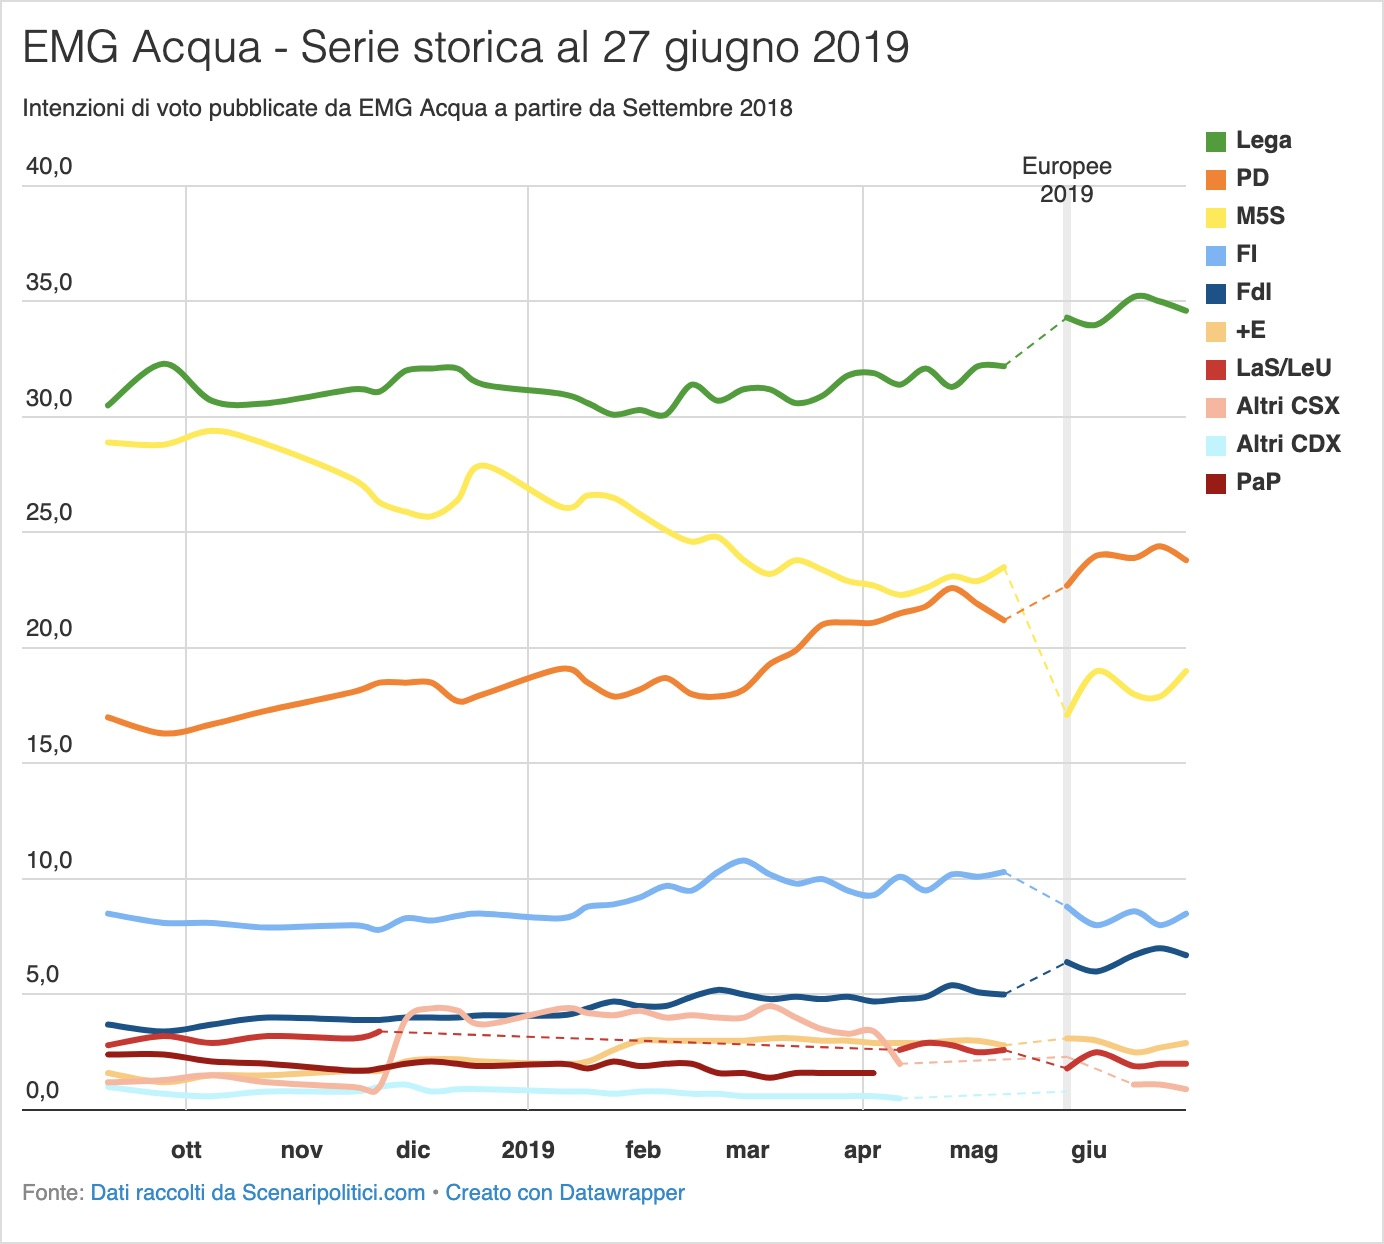 Sondaggio EMG Acqua 27 giugno 2019